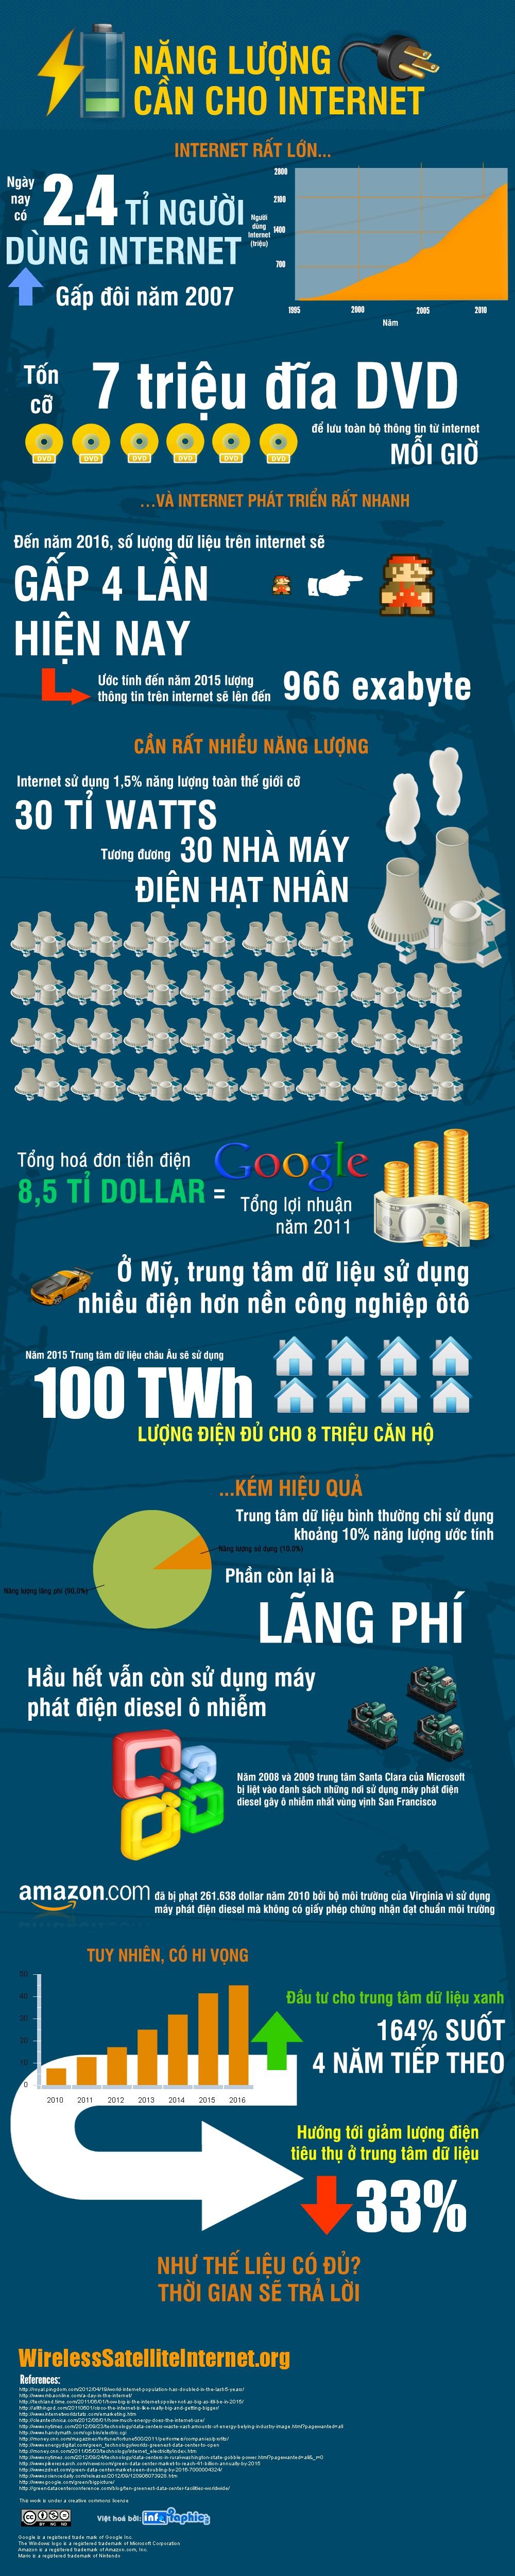 Infographic - Năng lượng cần thiết cho internet